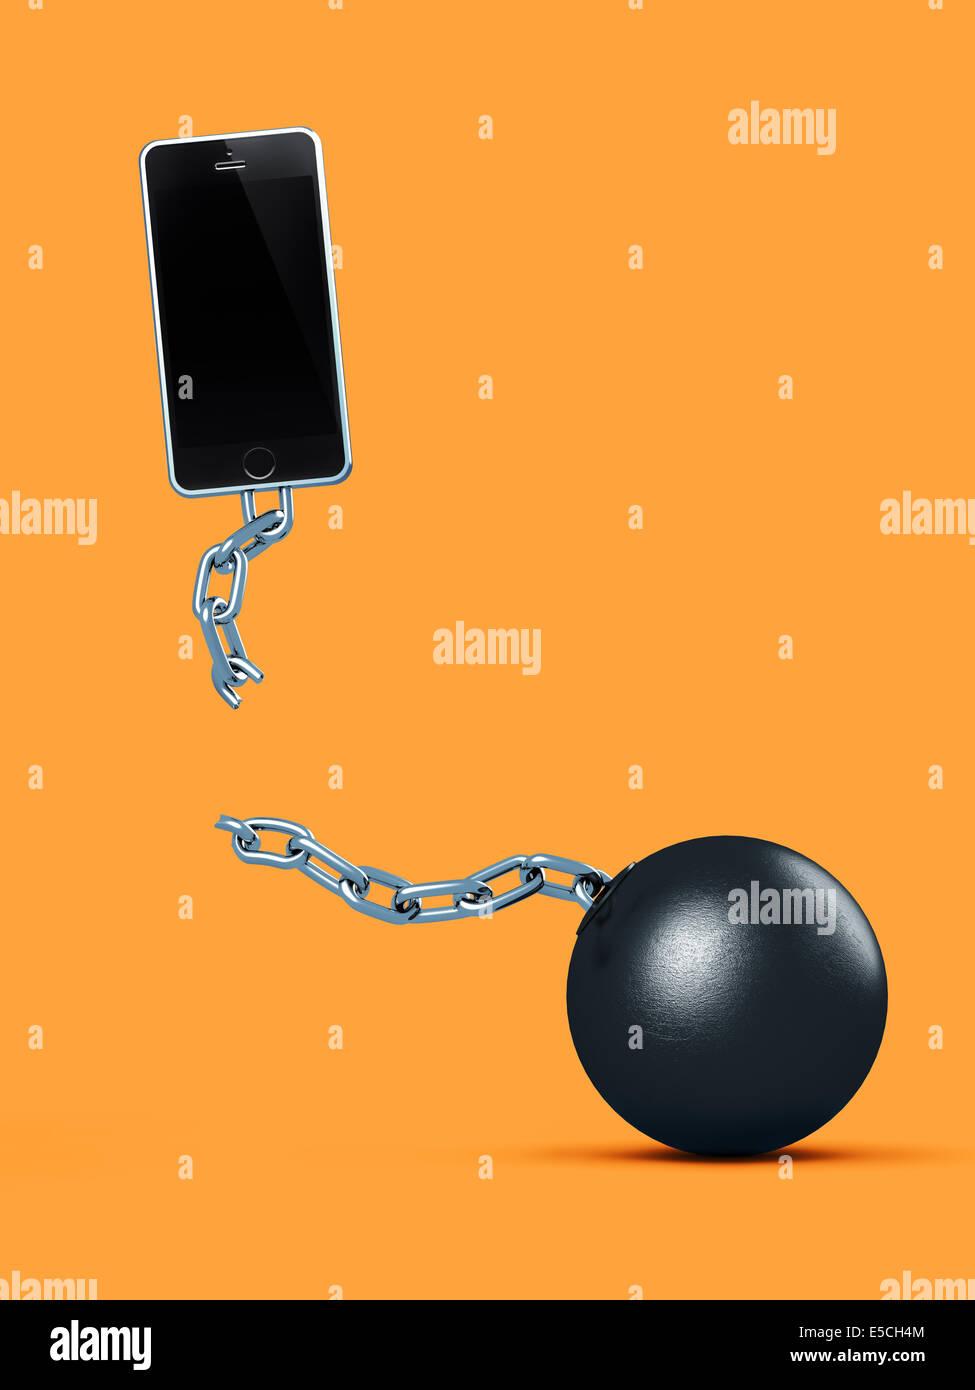 Móvil rompiendo con grilletes y cadenas, romper un contrato, el contrato de servicio gratuito, Ilustración Imagen De Stock